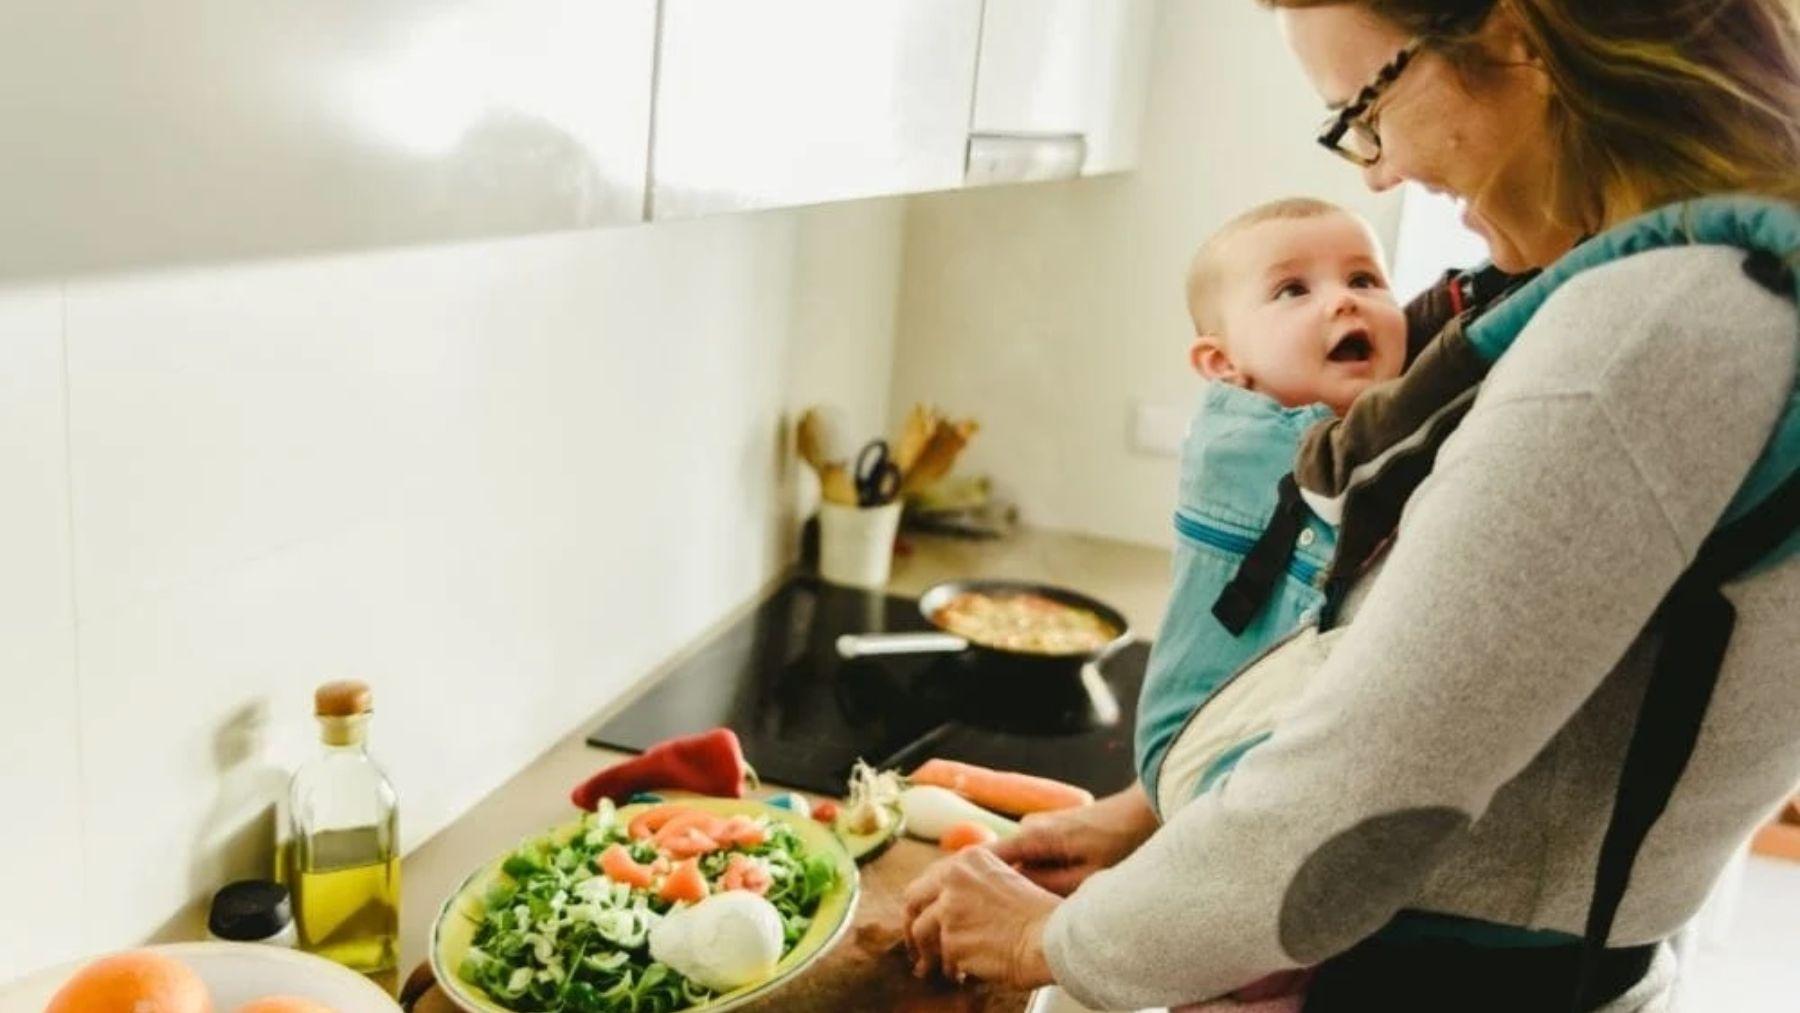 Descubramos los alimentos que es mejor evitar durante la lactancia